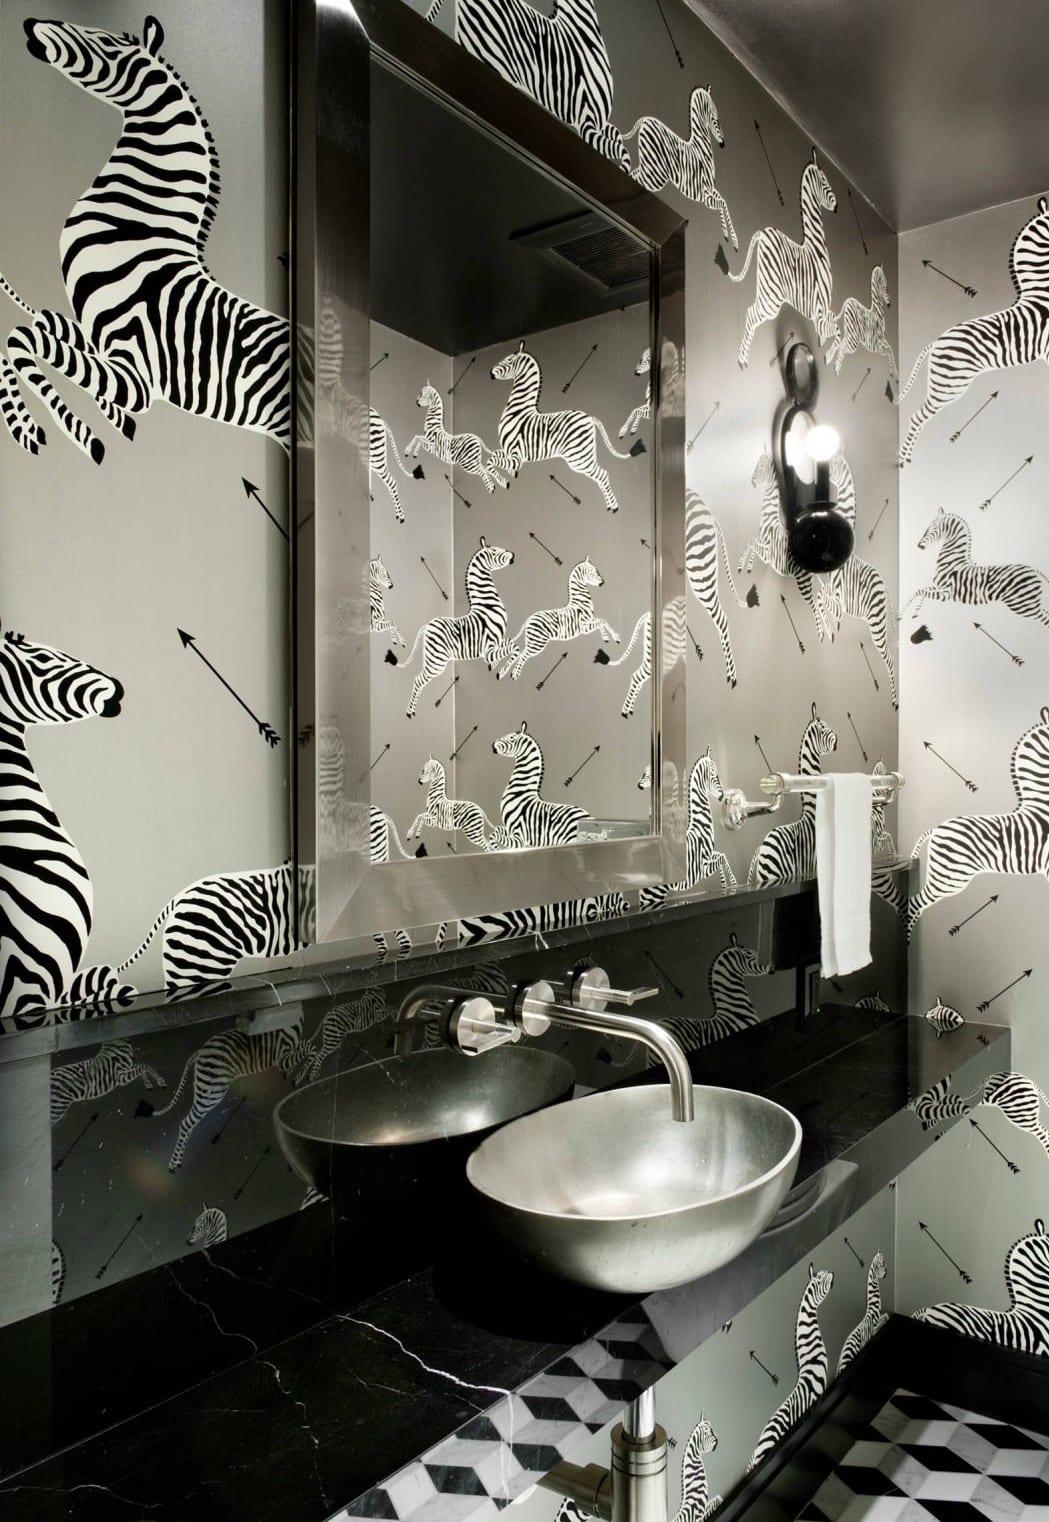 moderne badezimmer ideen mit tapeten und waschtisch aus marmor schwarz mit waschbecken silber